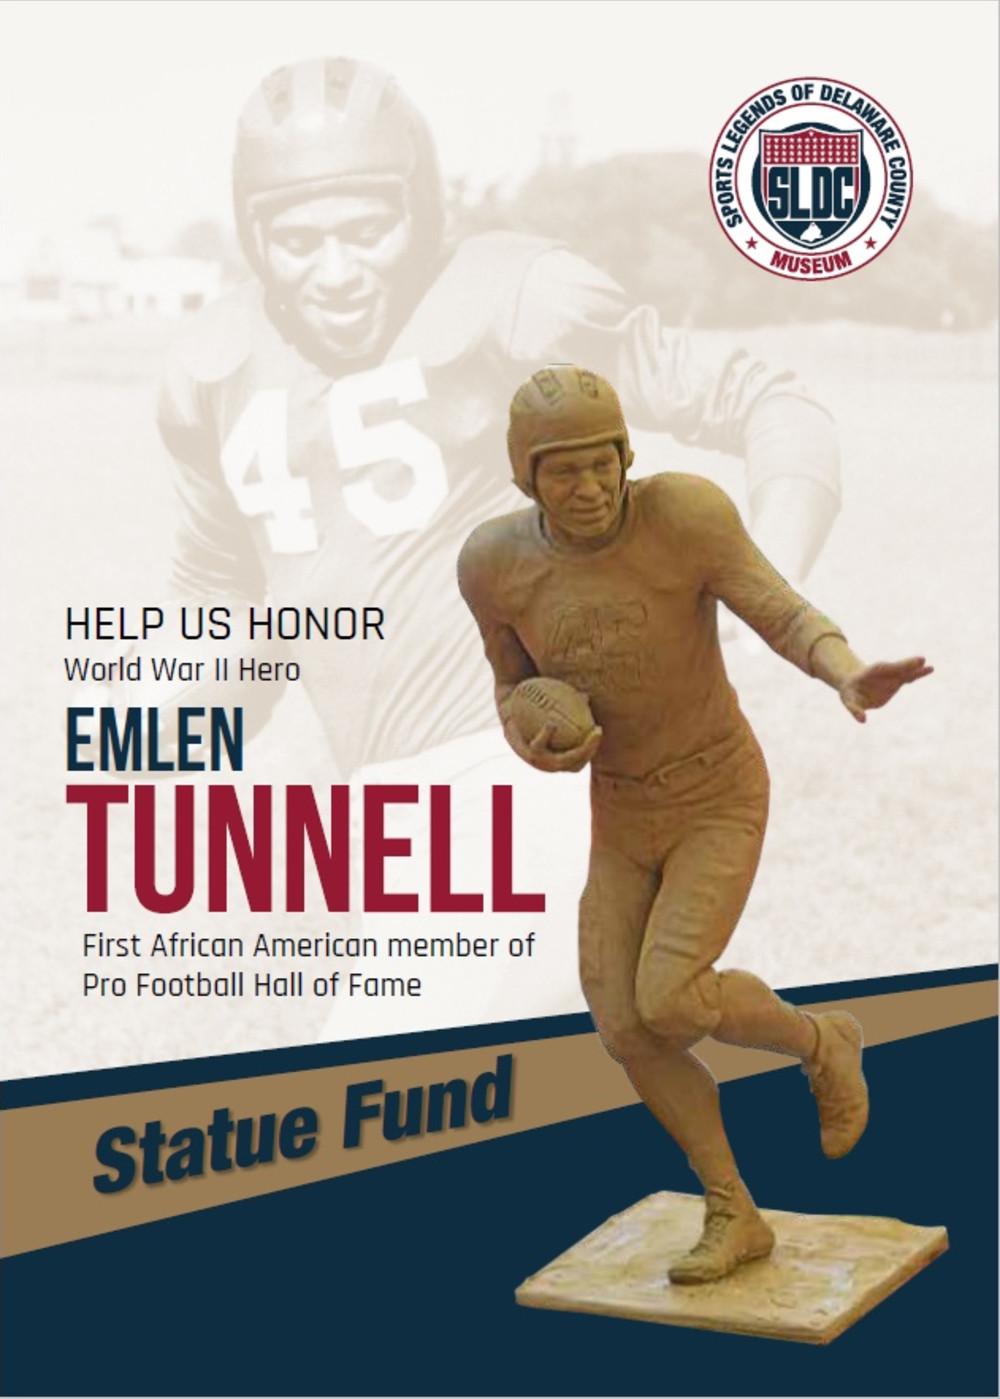 Emlen Tunnel Statue Fund